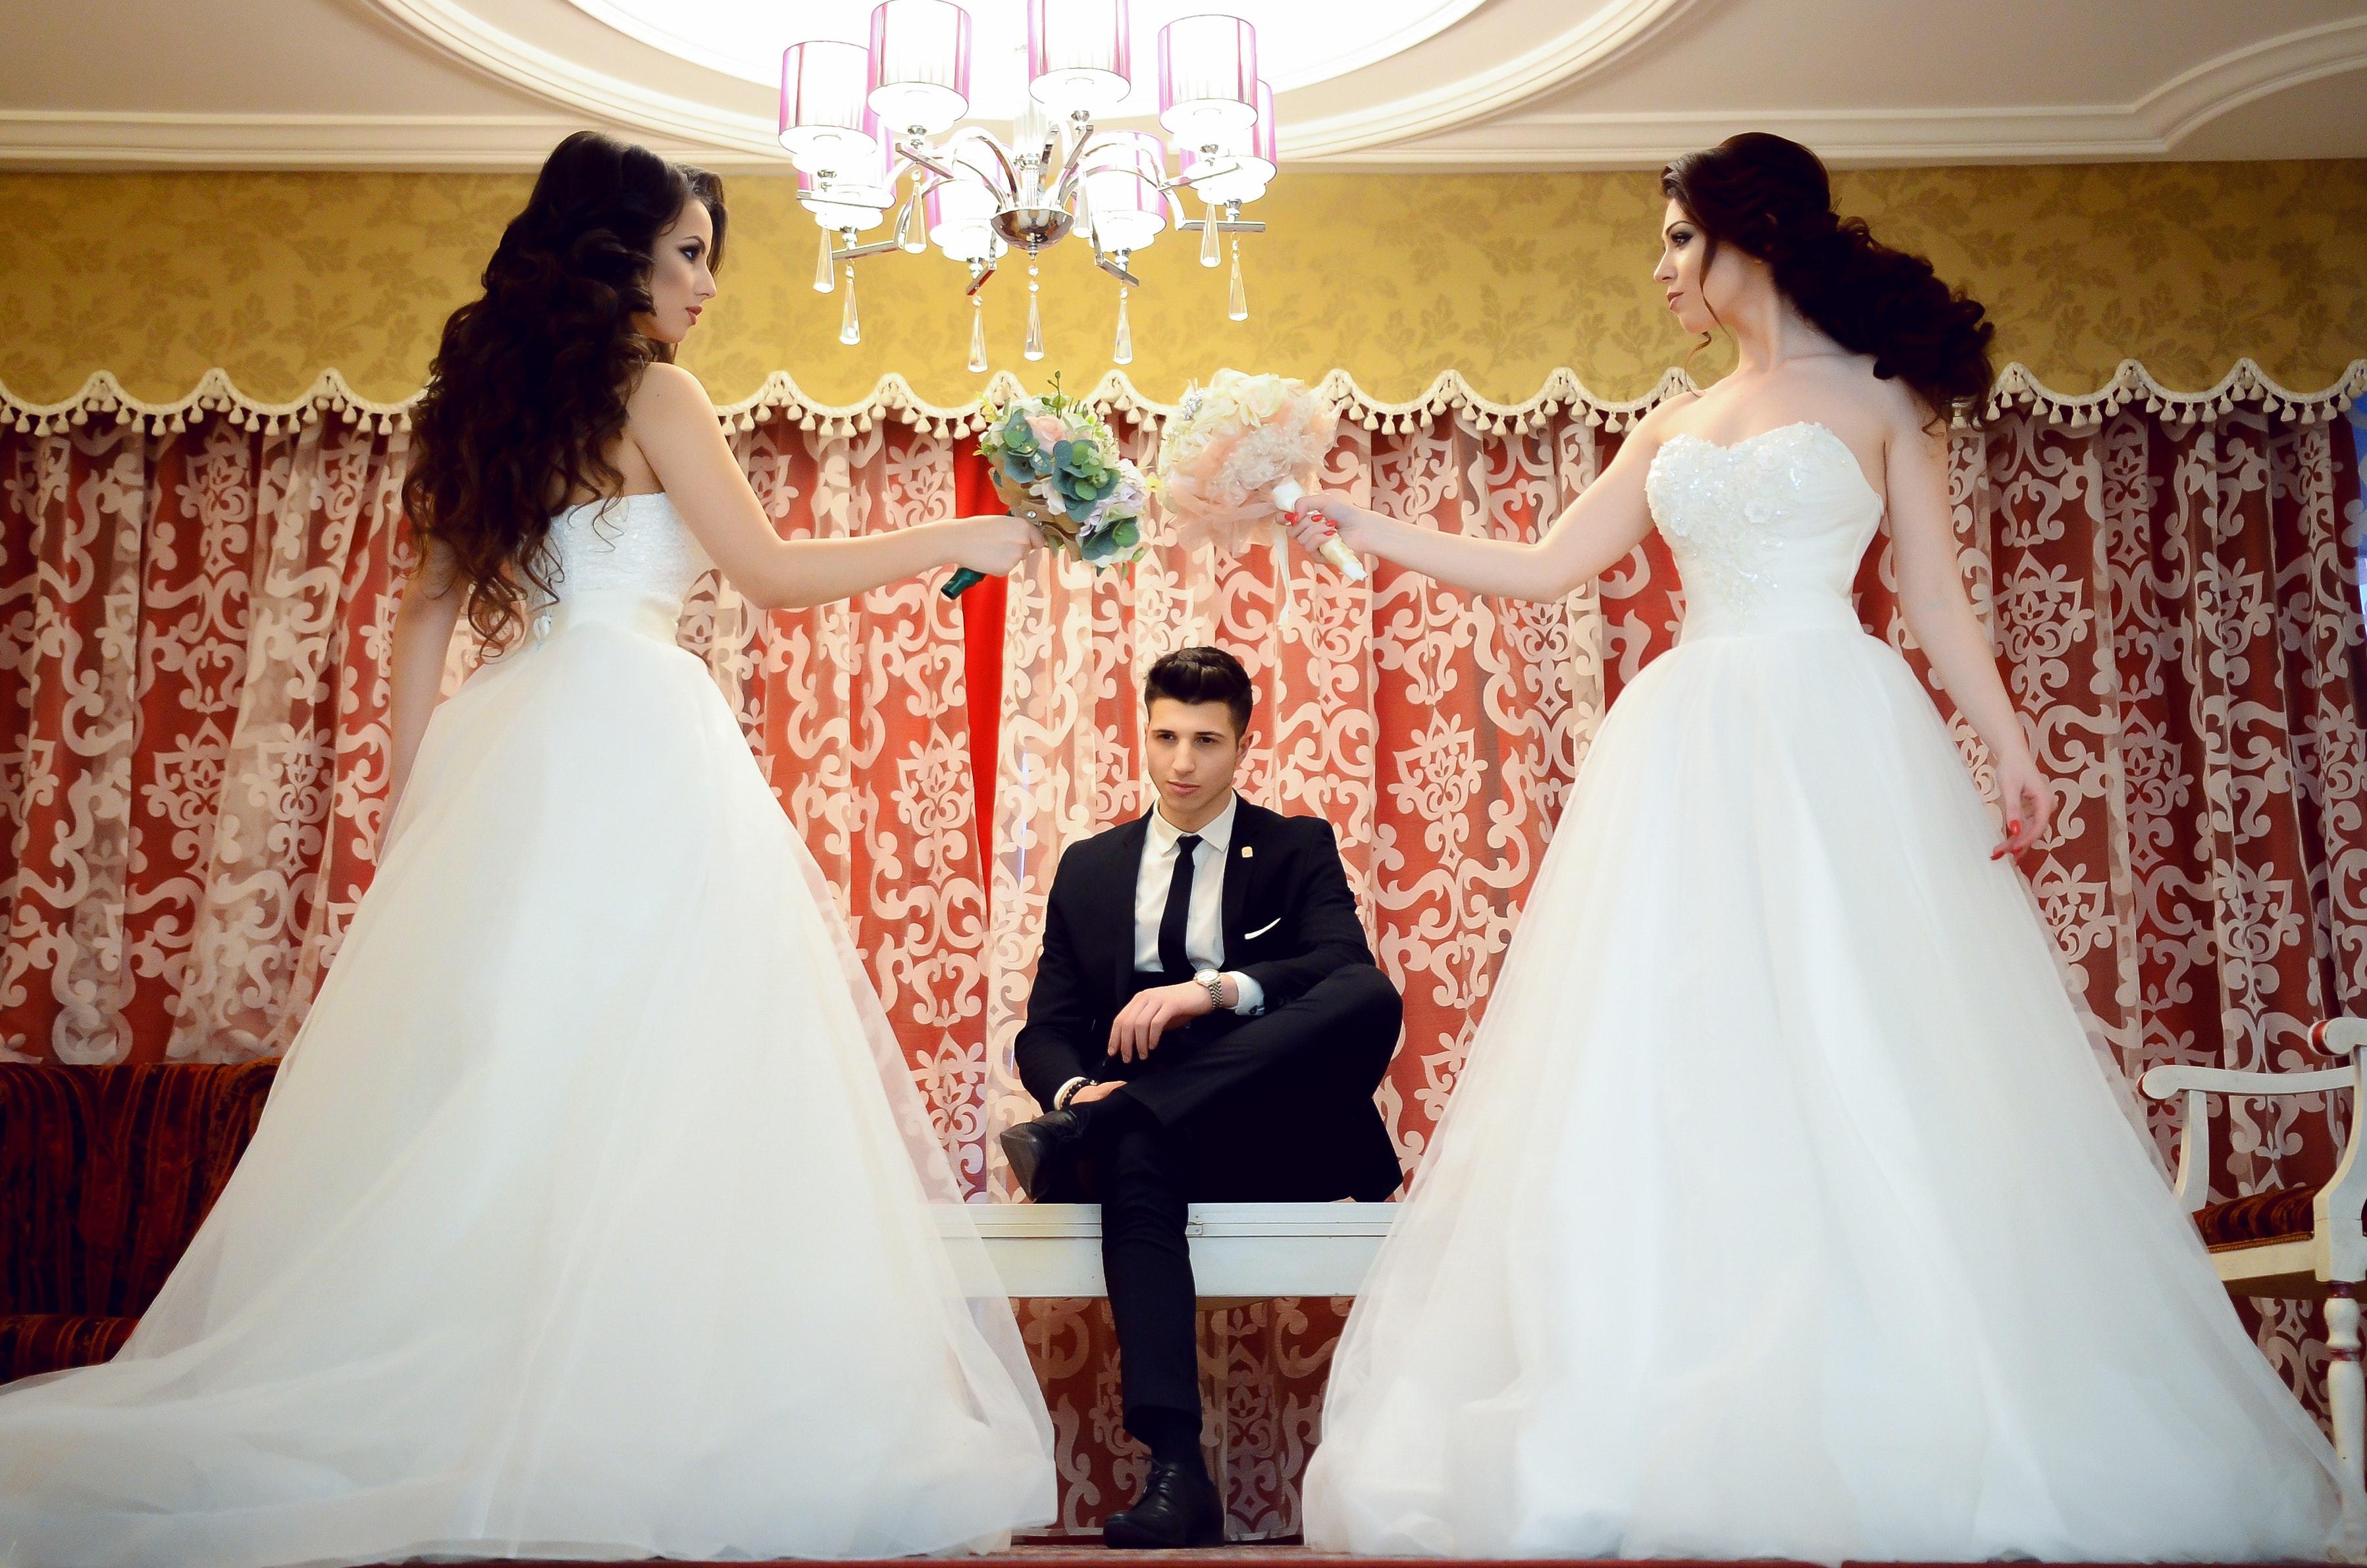 Kostnadsfri bild av brides, bröllopsklänning, brudgum